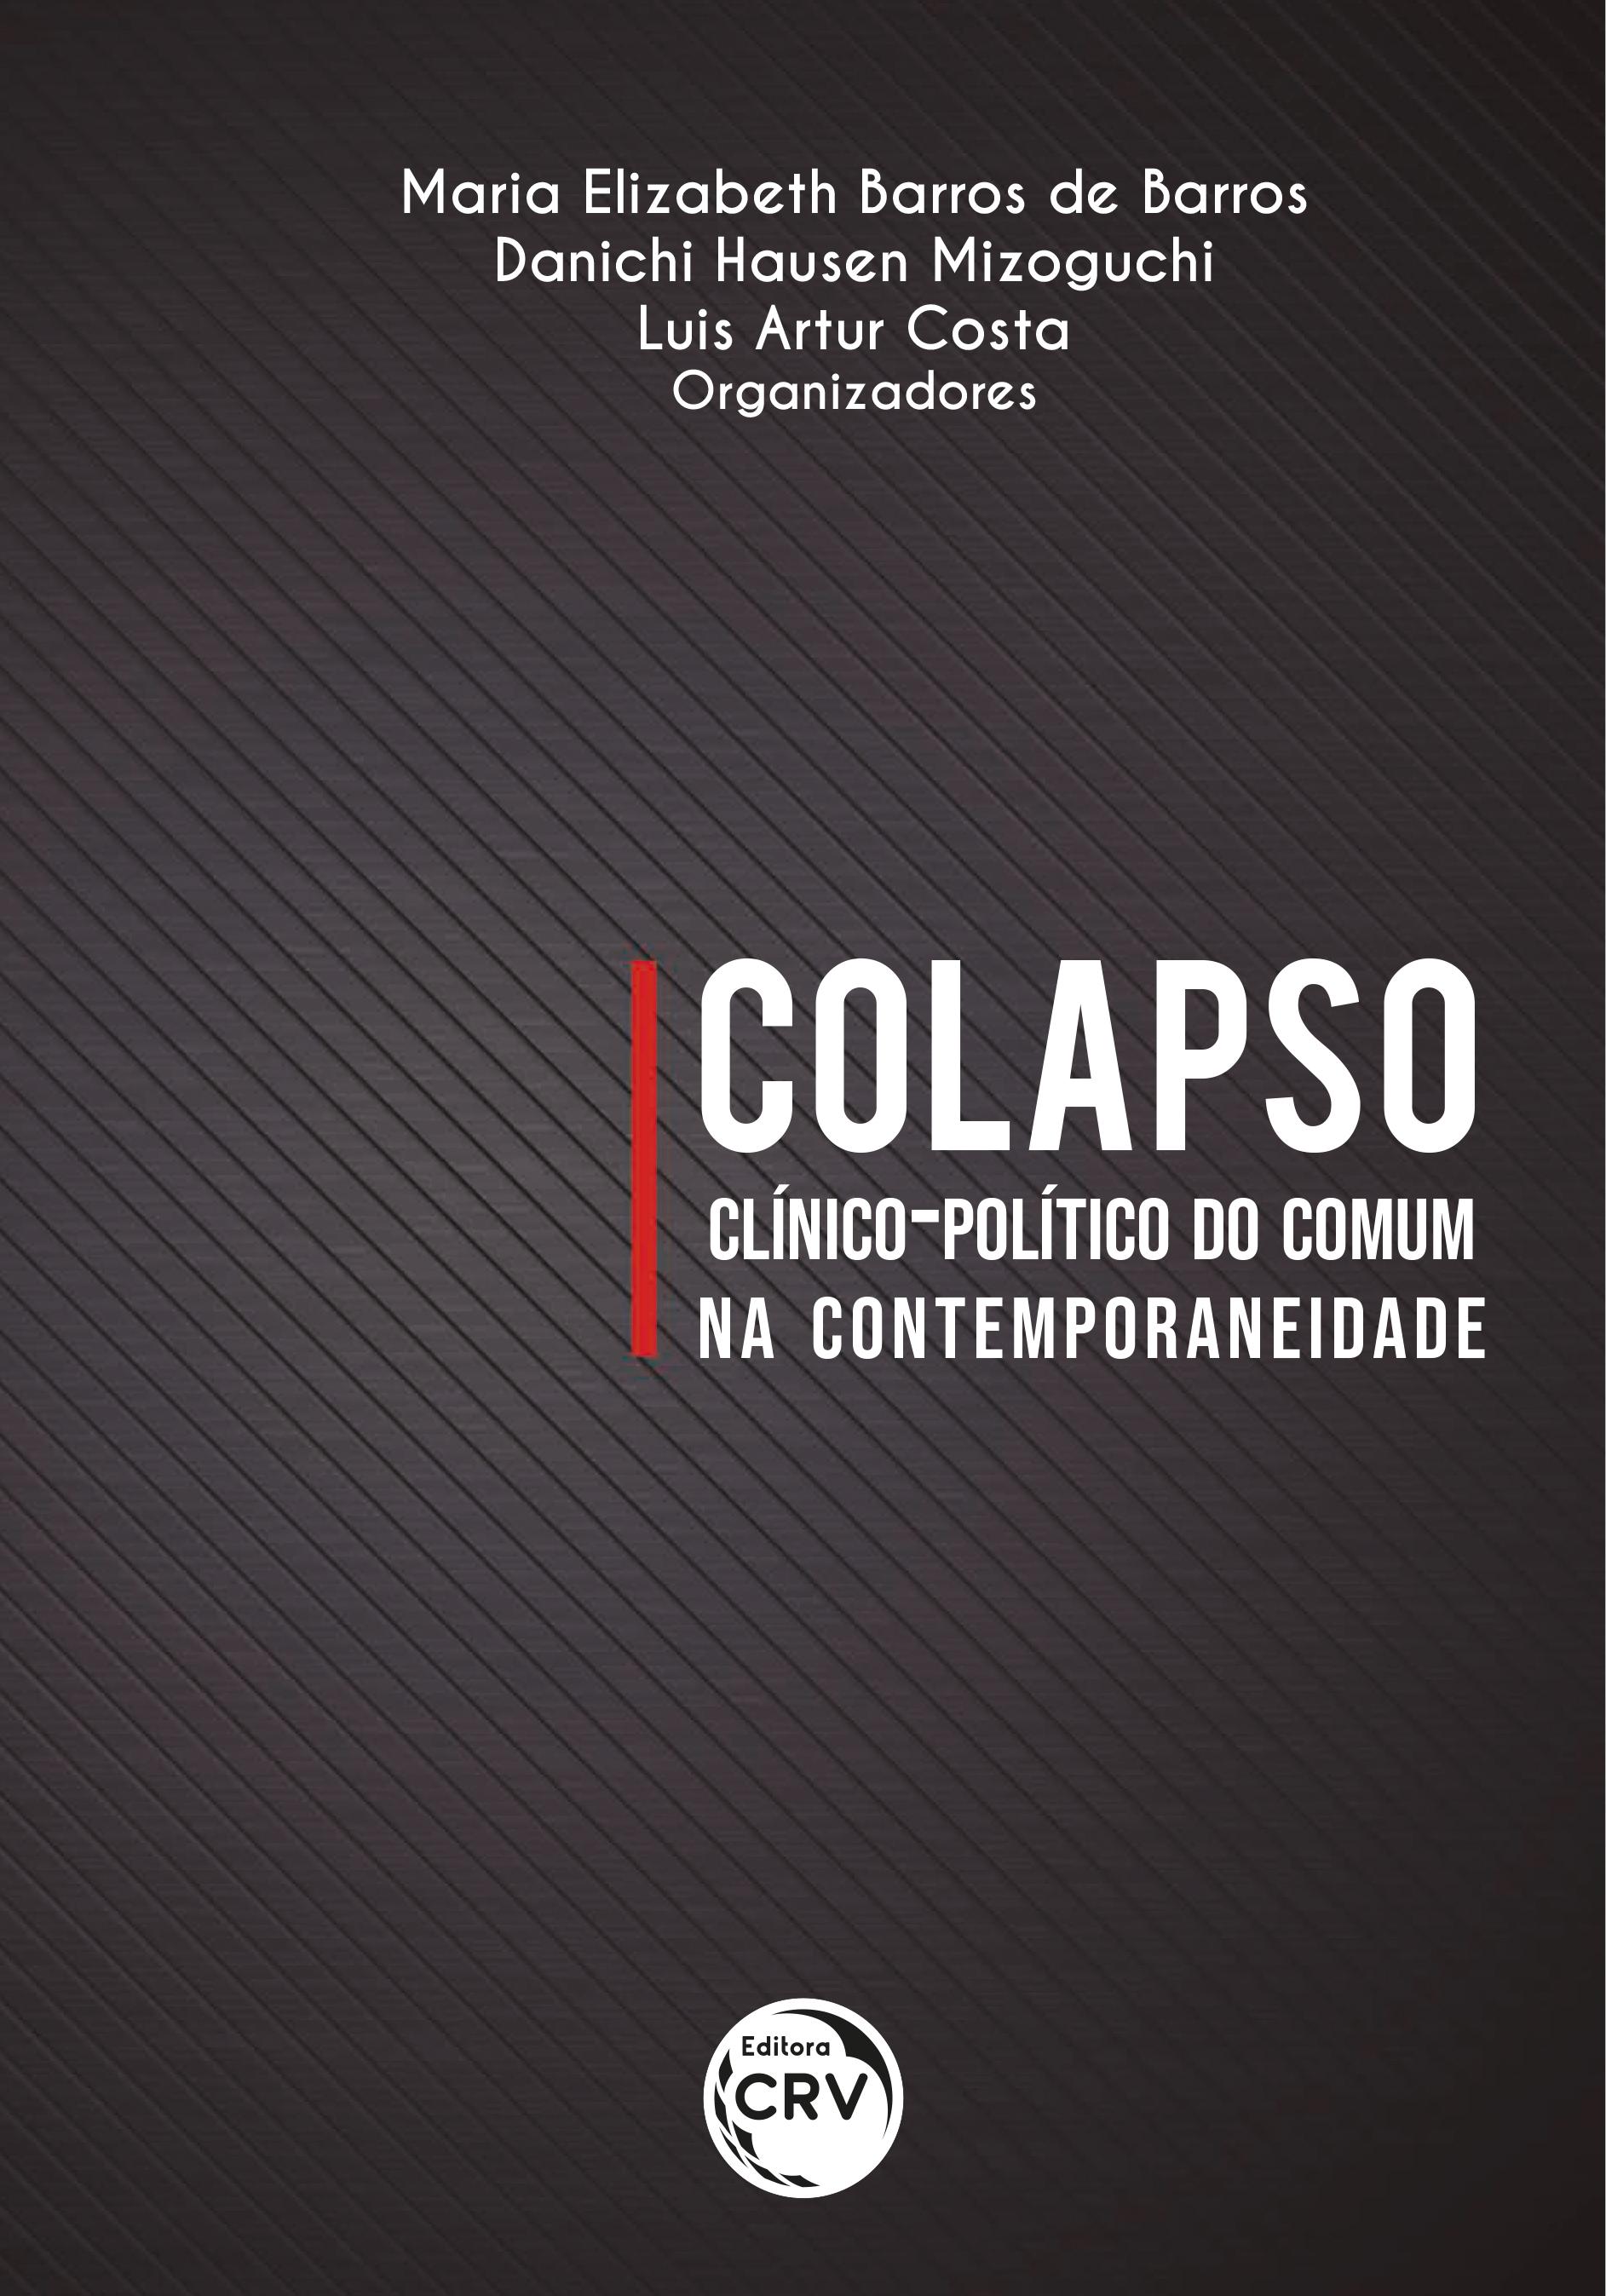 Capa do livro: COLAPSO CLÍNICO-POLÍTICO DO COMUM NA CONTEMPORANEIDADE